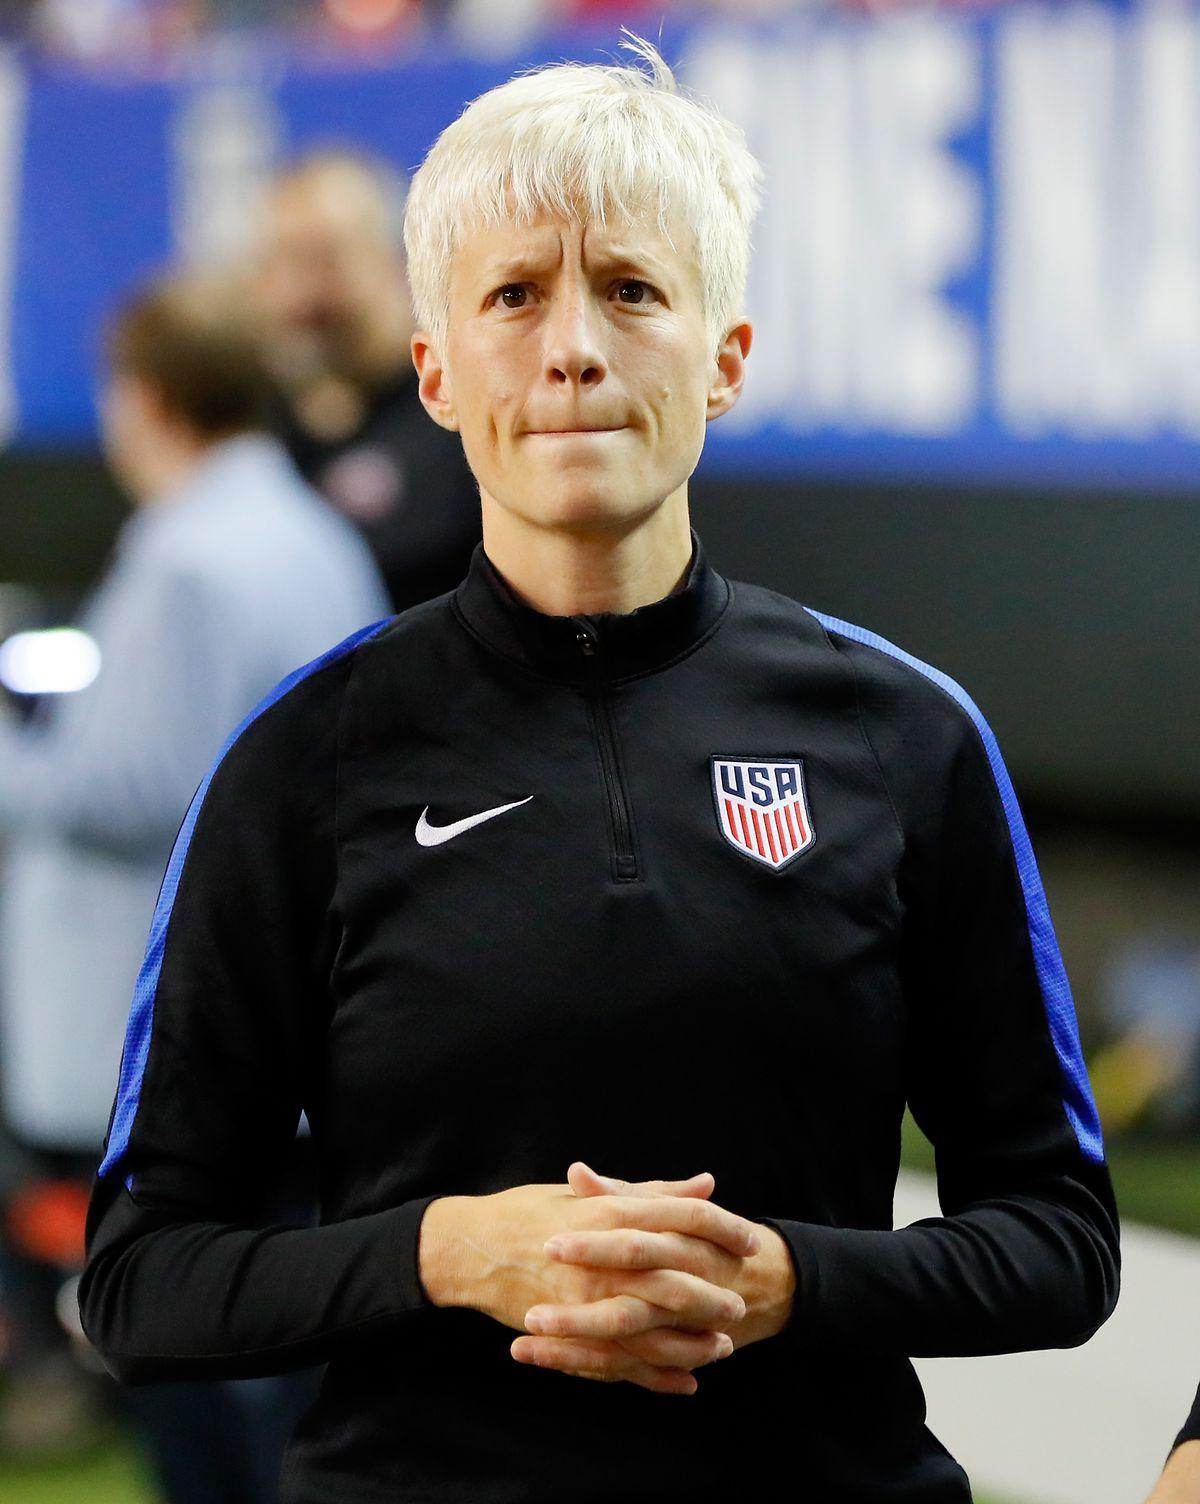 Megan Rapinoe of U.S. Soccer